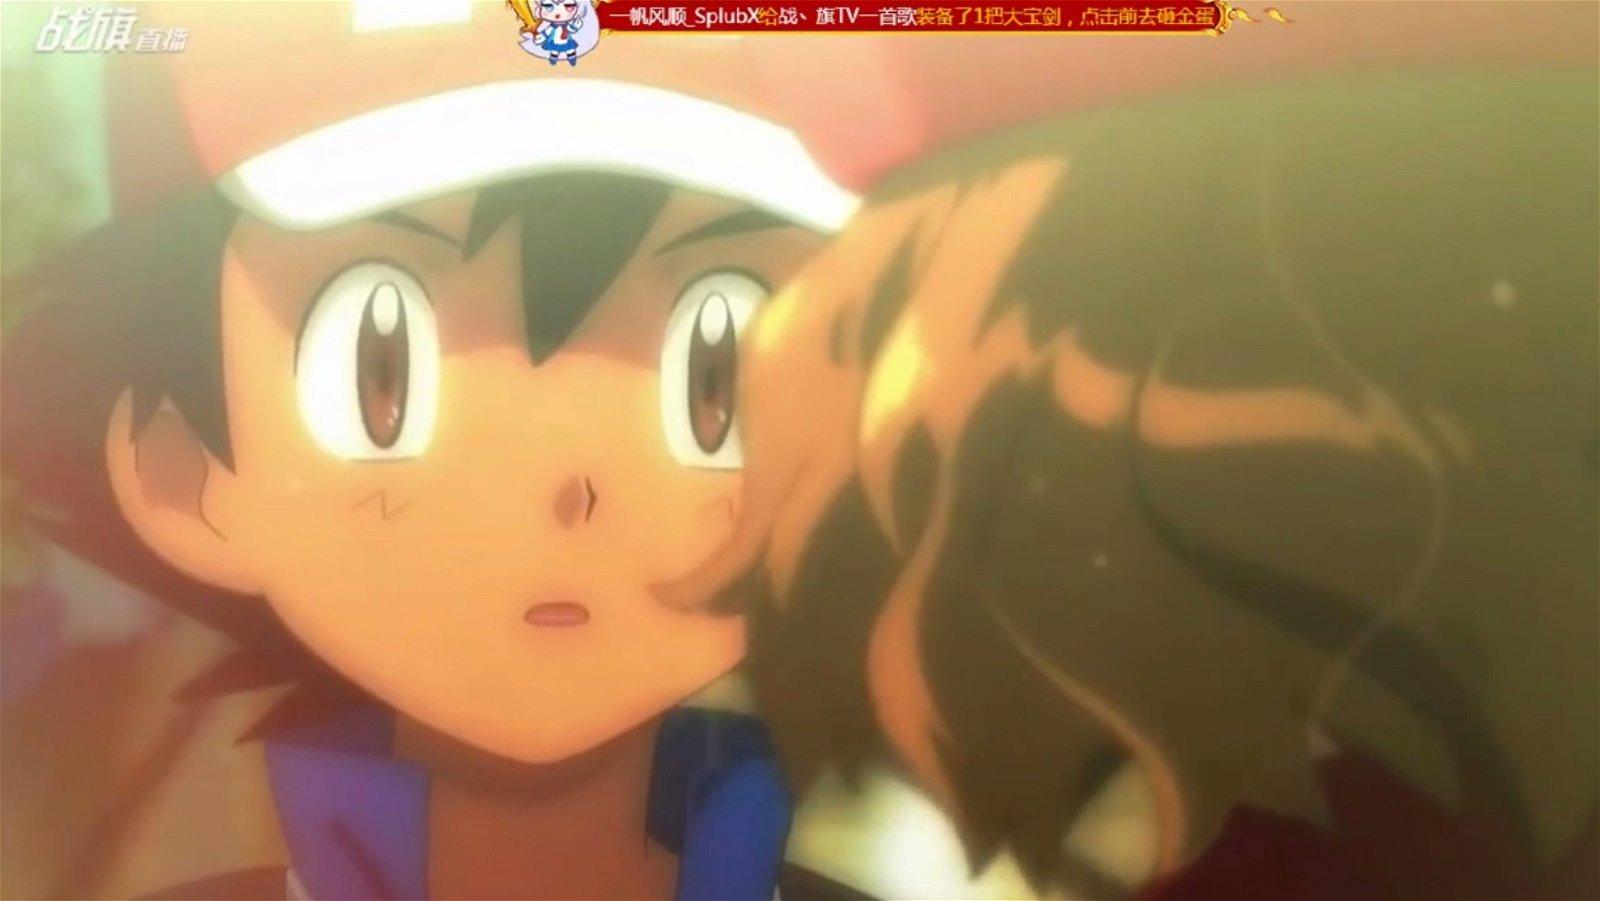 El anime de Pokémon al fin podría haber introducido algo de salseo ...